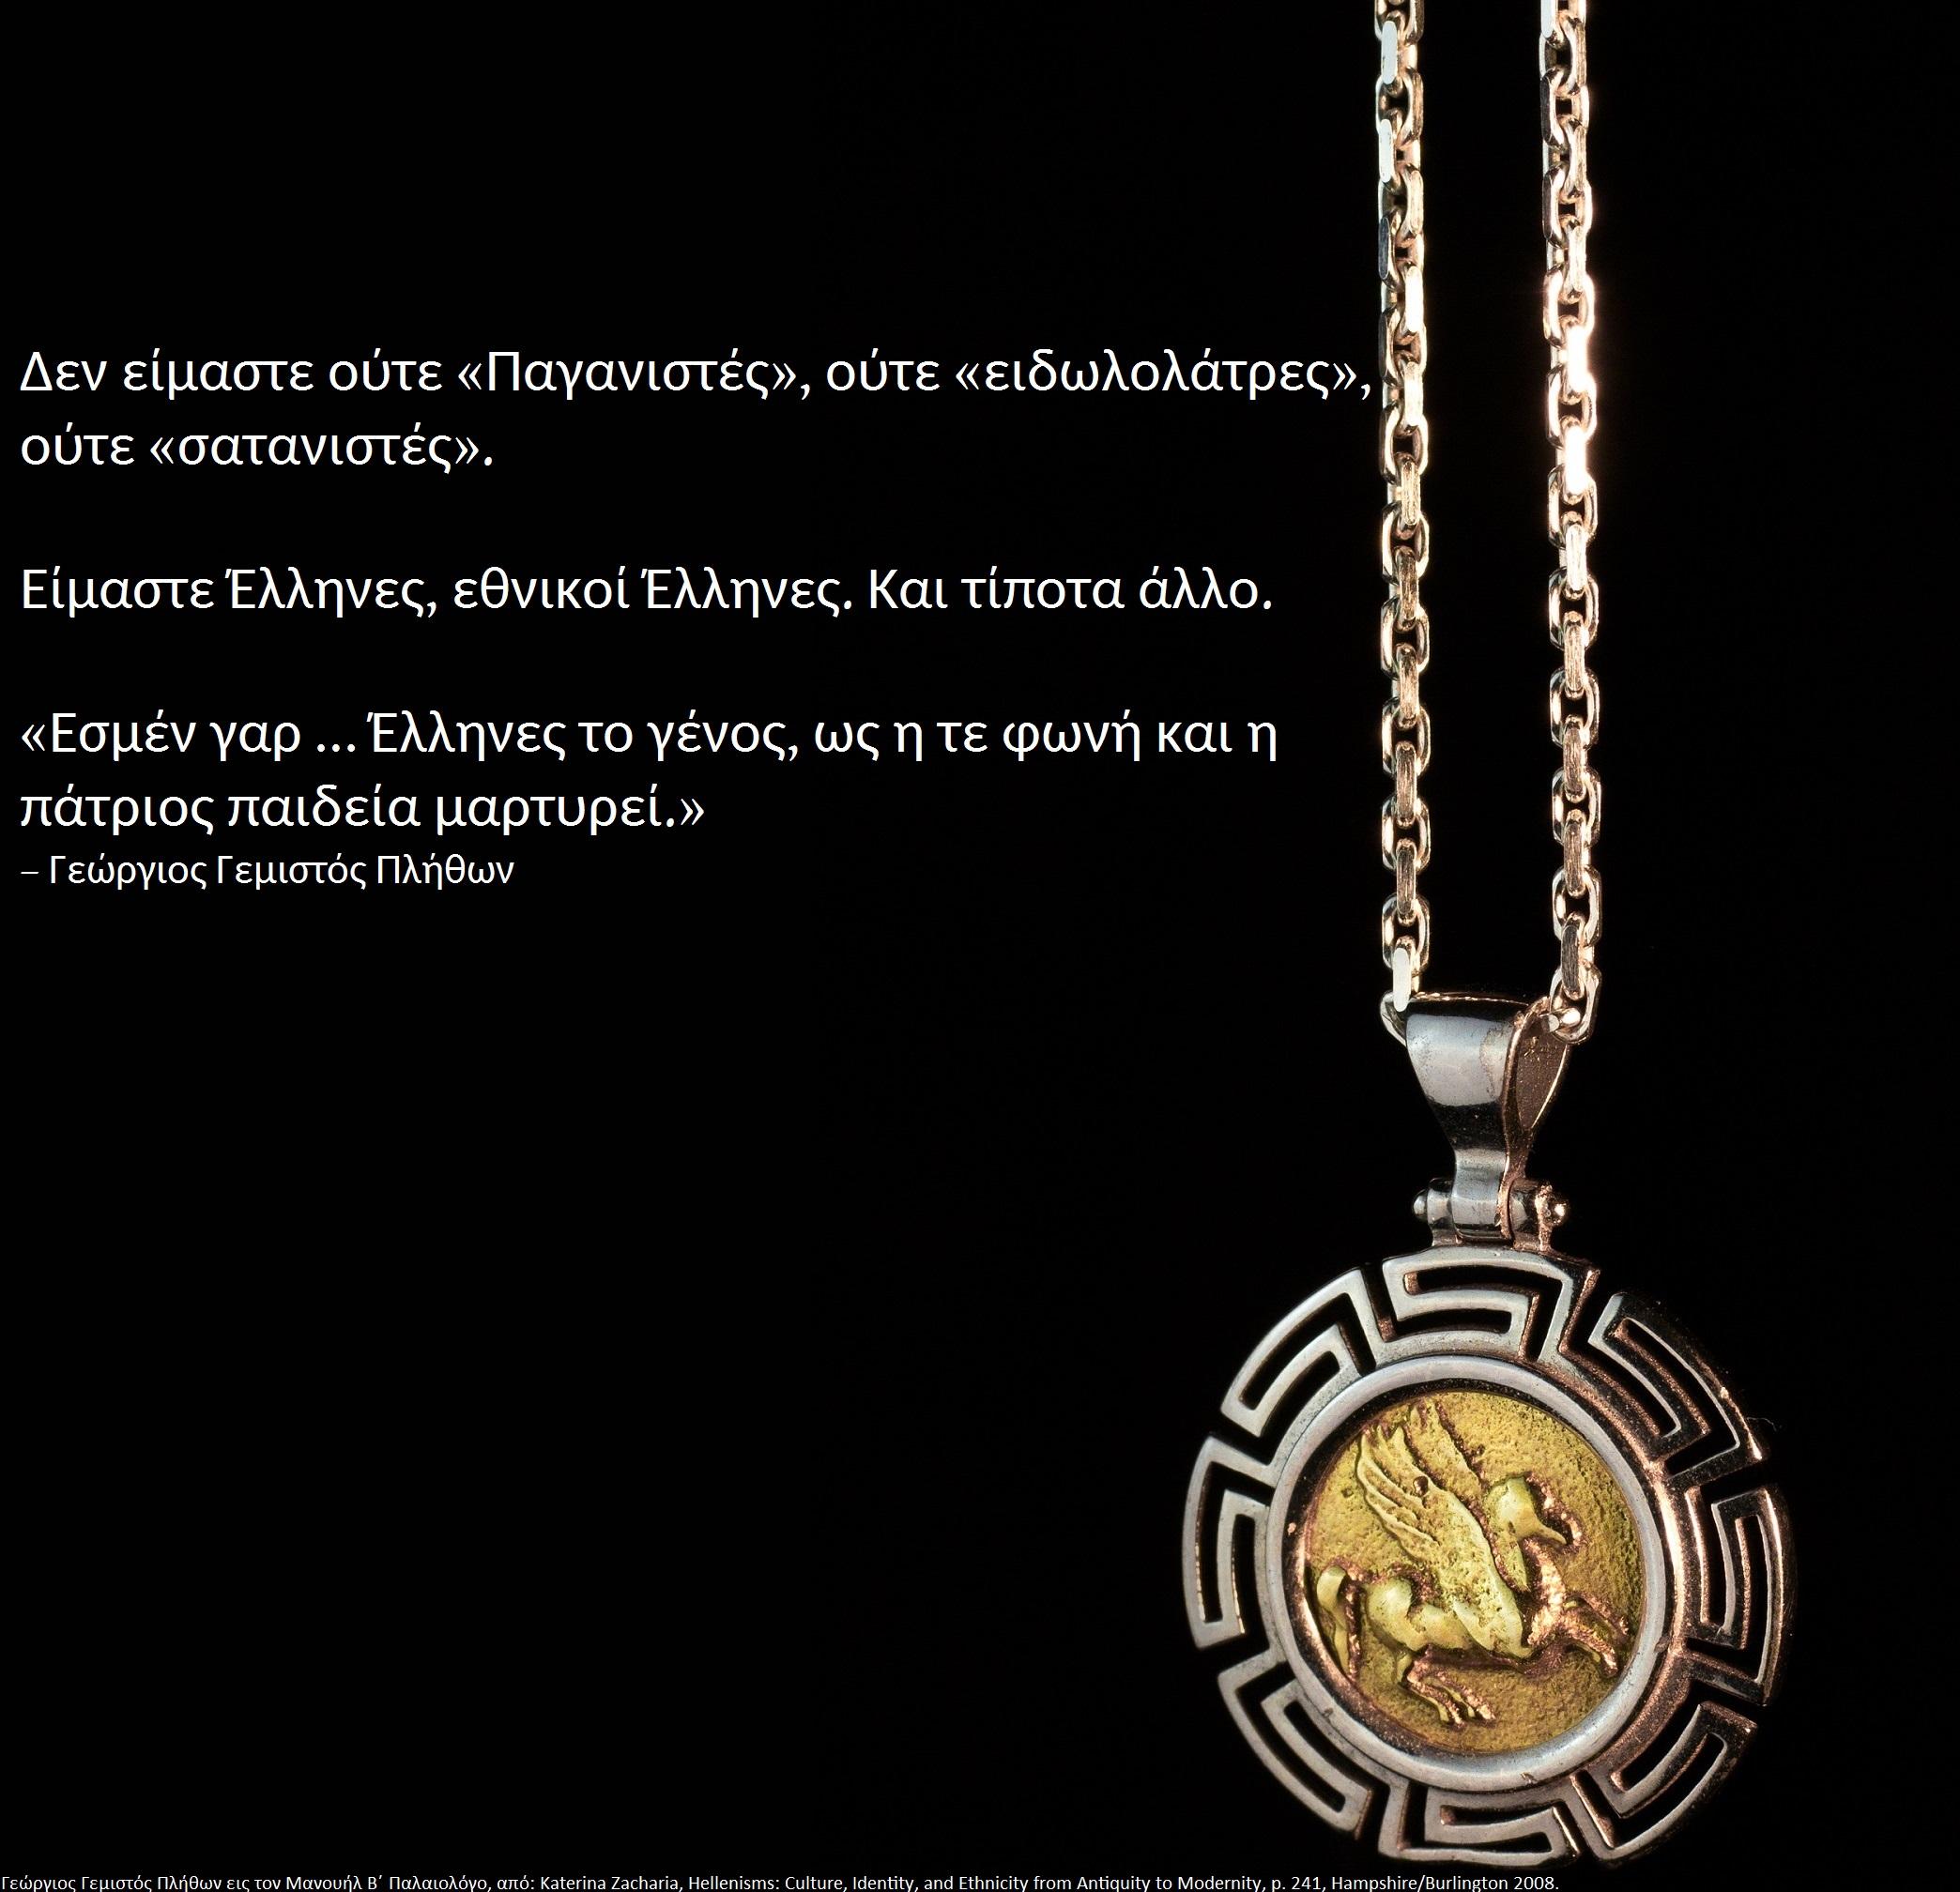 11. Εσμέν γαρ Έλληνες